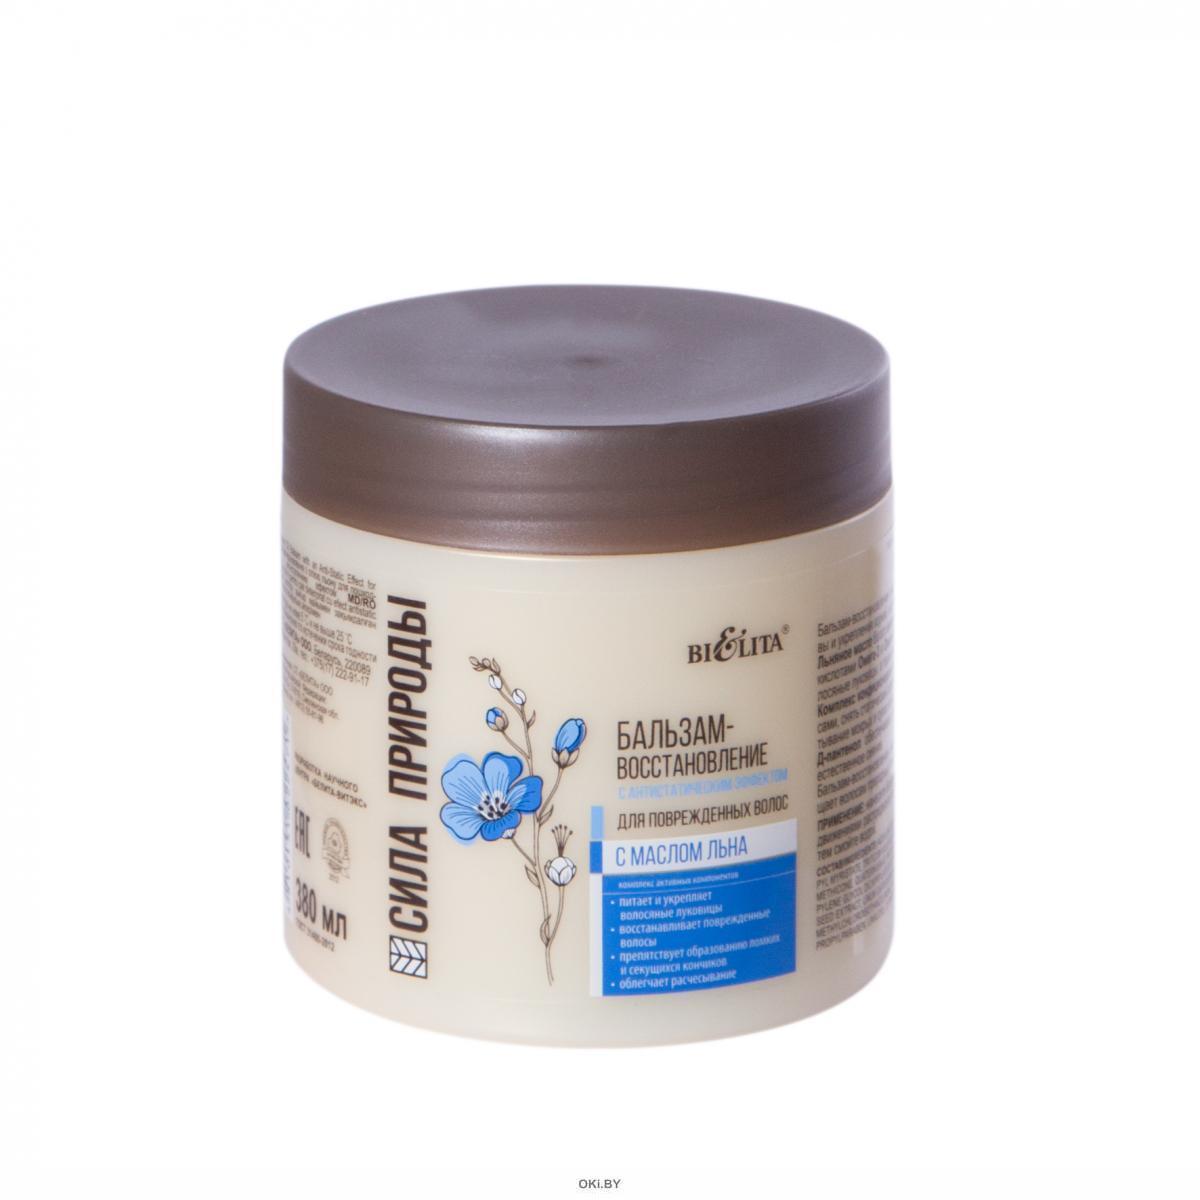 Бальзам-восстановление с маслом льна  для поврежденных волос с антистатическим эффектом, 380 мл (Сила природы)